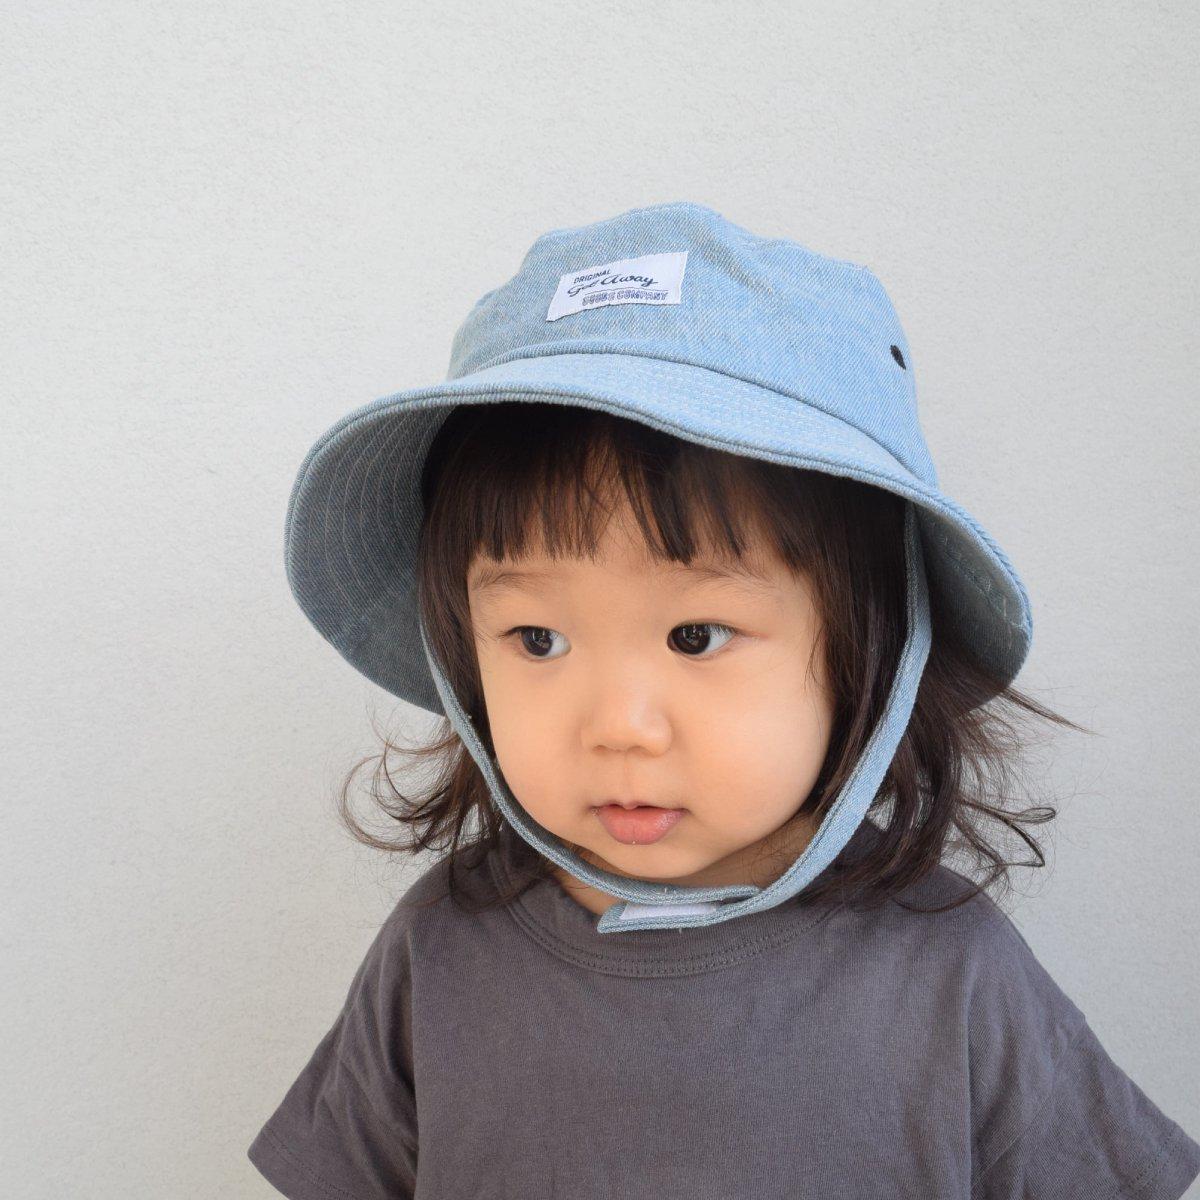 【BABY】Denim Wash Hat 詳細画像13